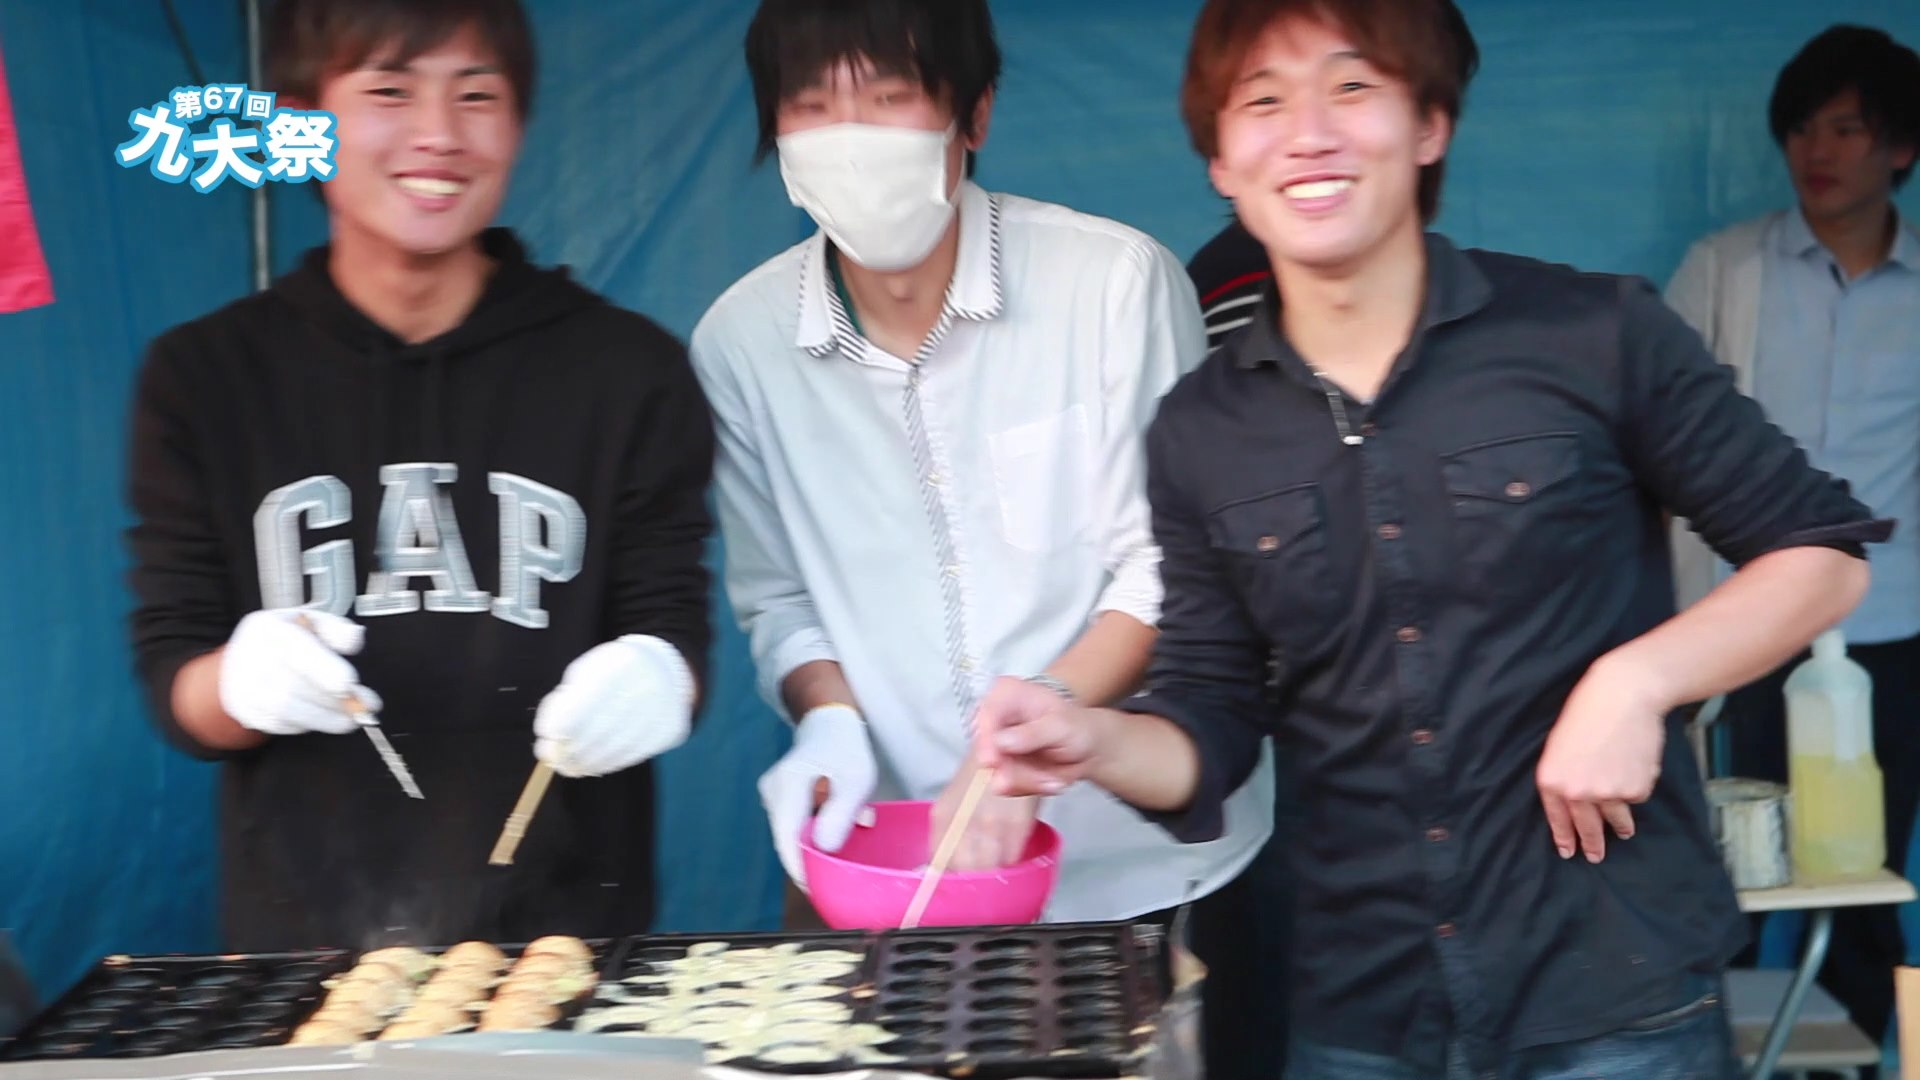 第67回 九州大学学祭.mov_000365394